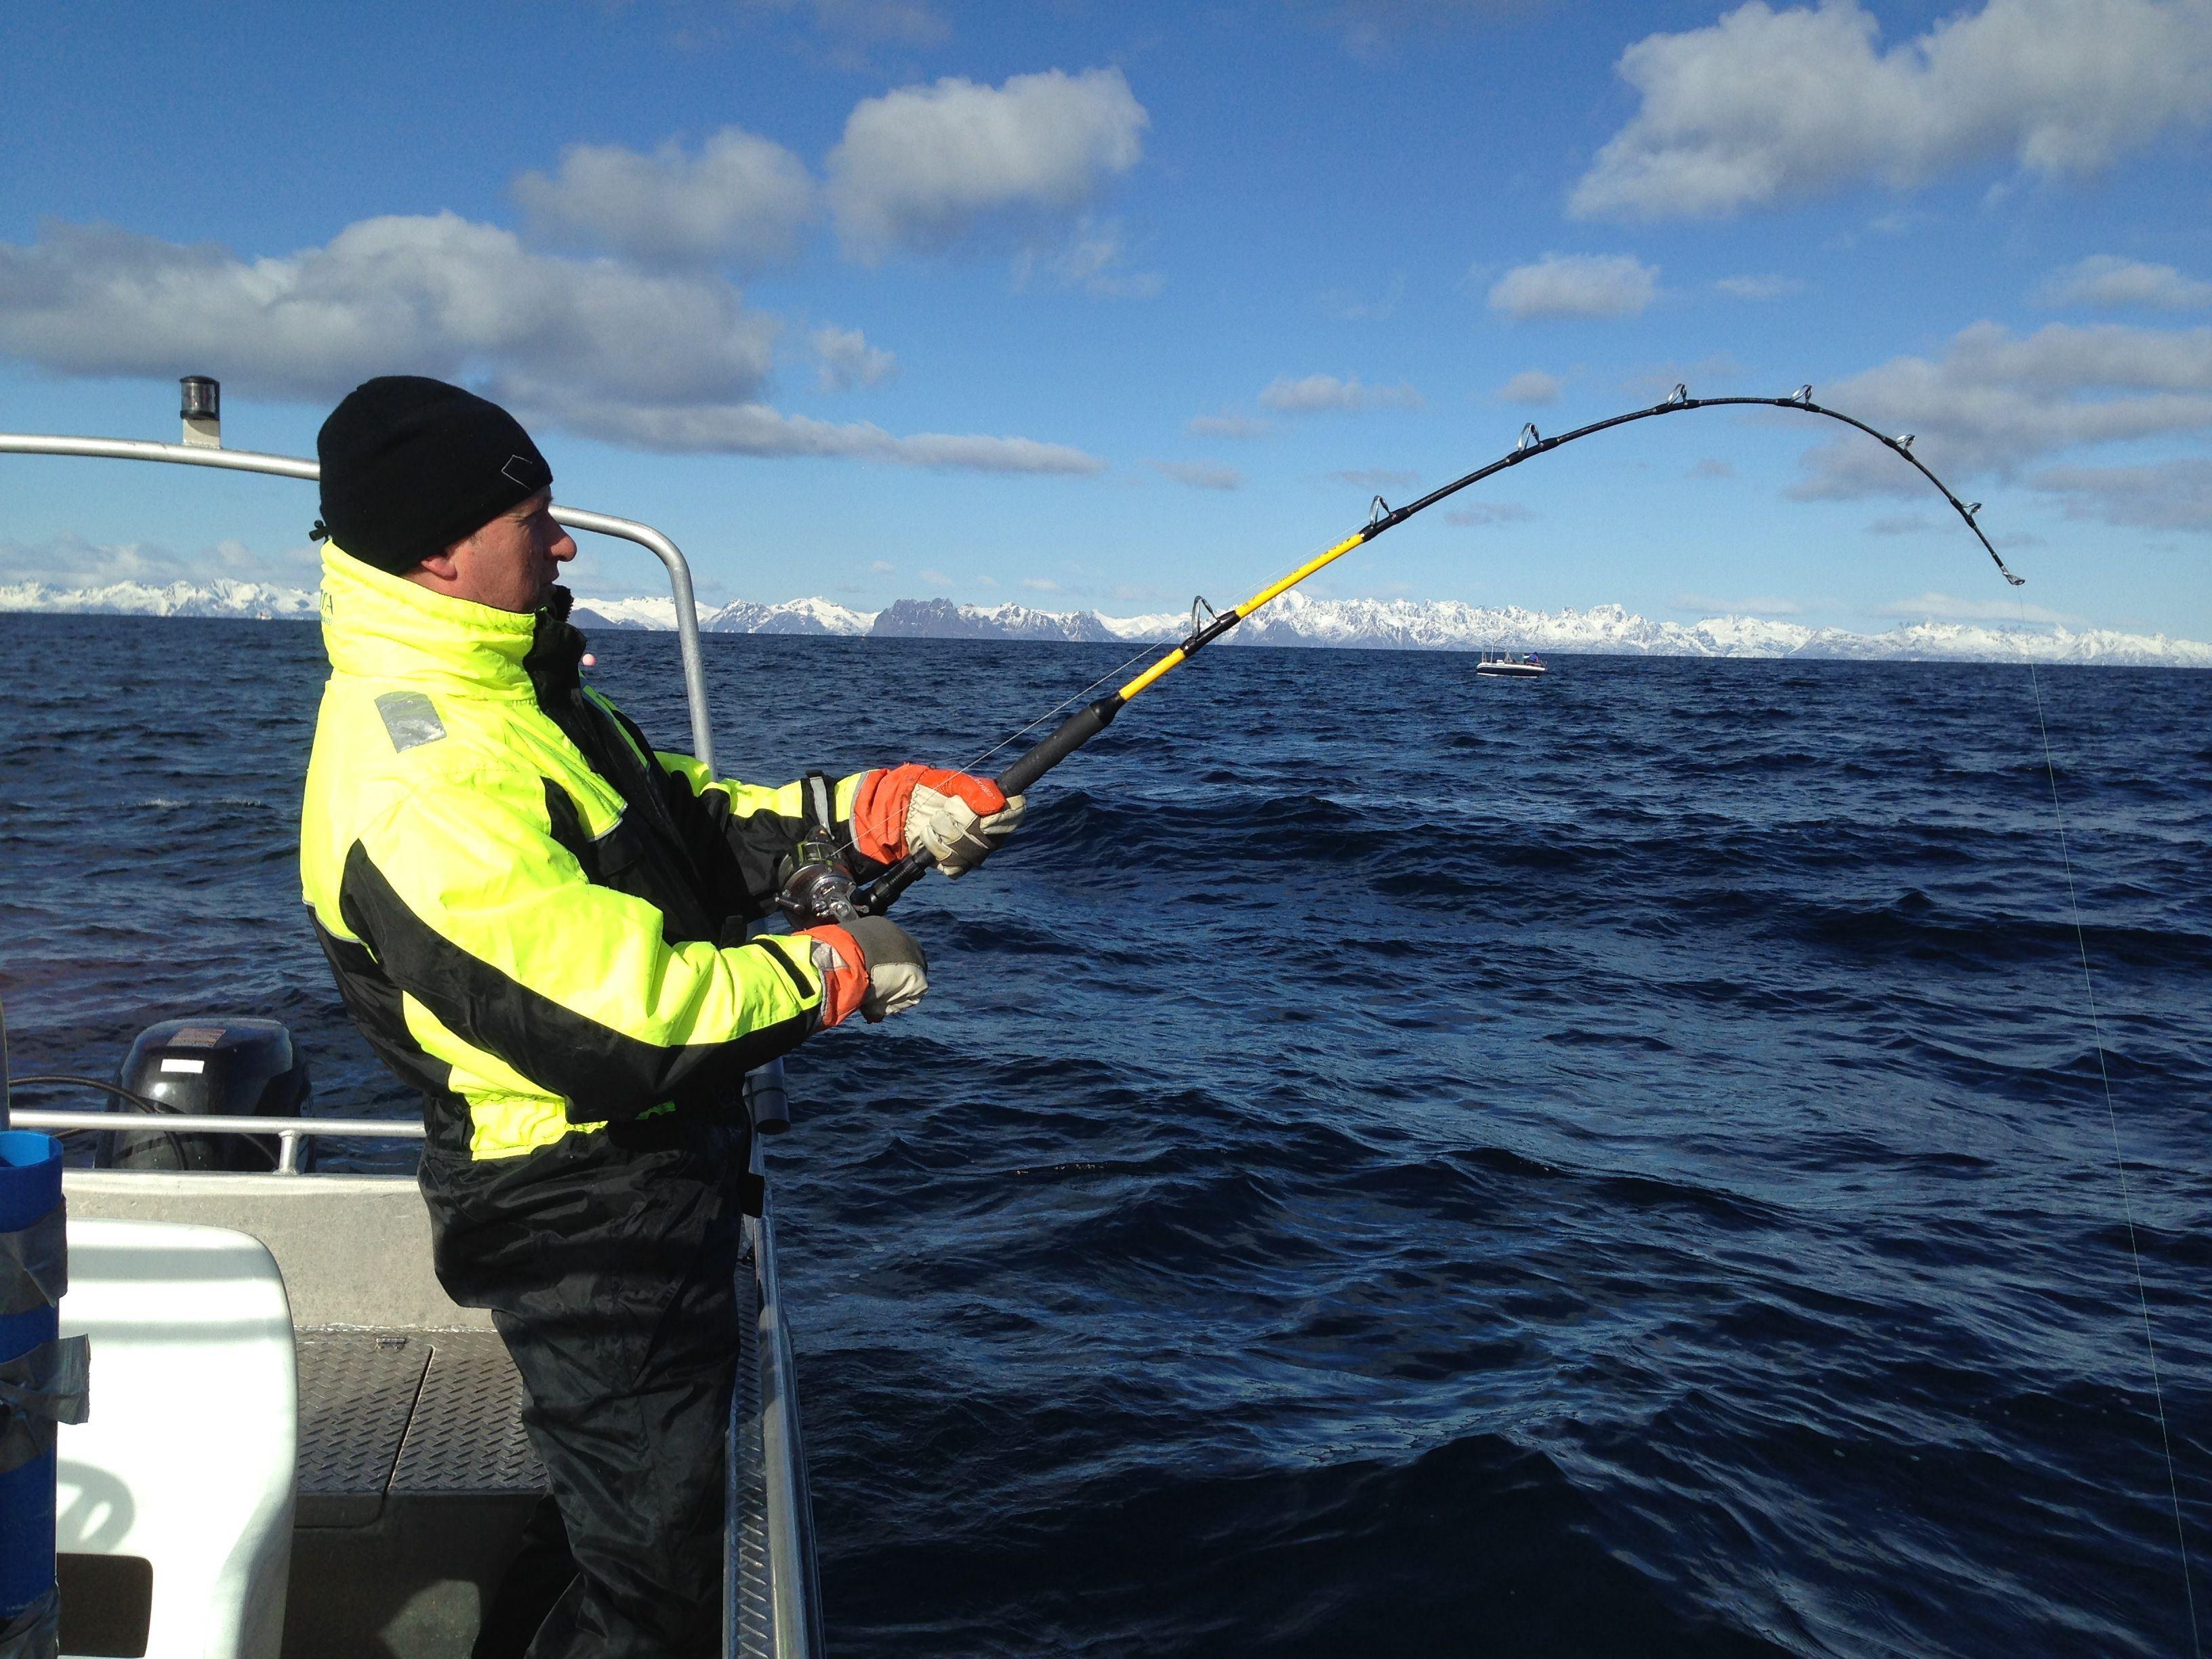 Paul Fortun, Fishing from Steigen Sjøhus